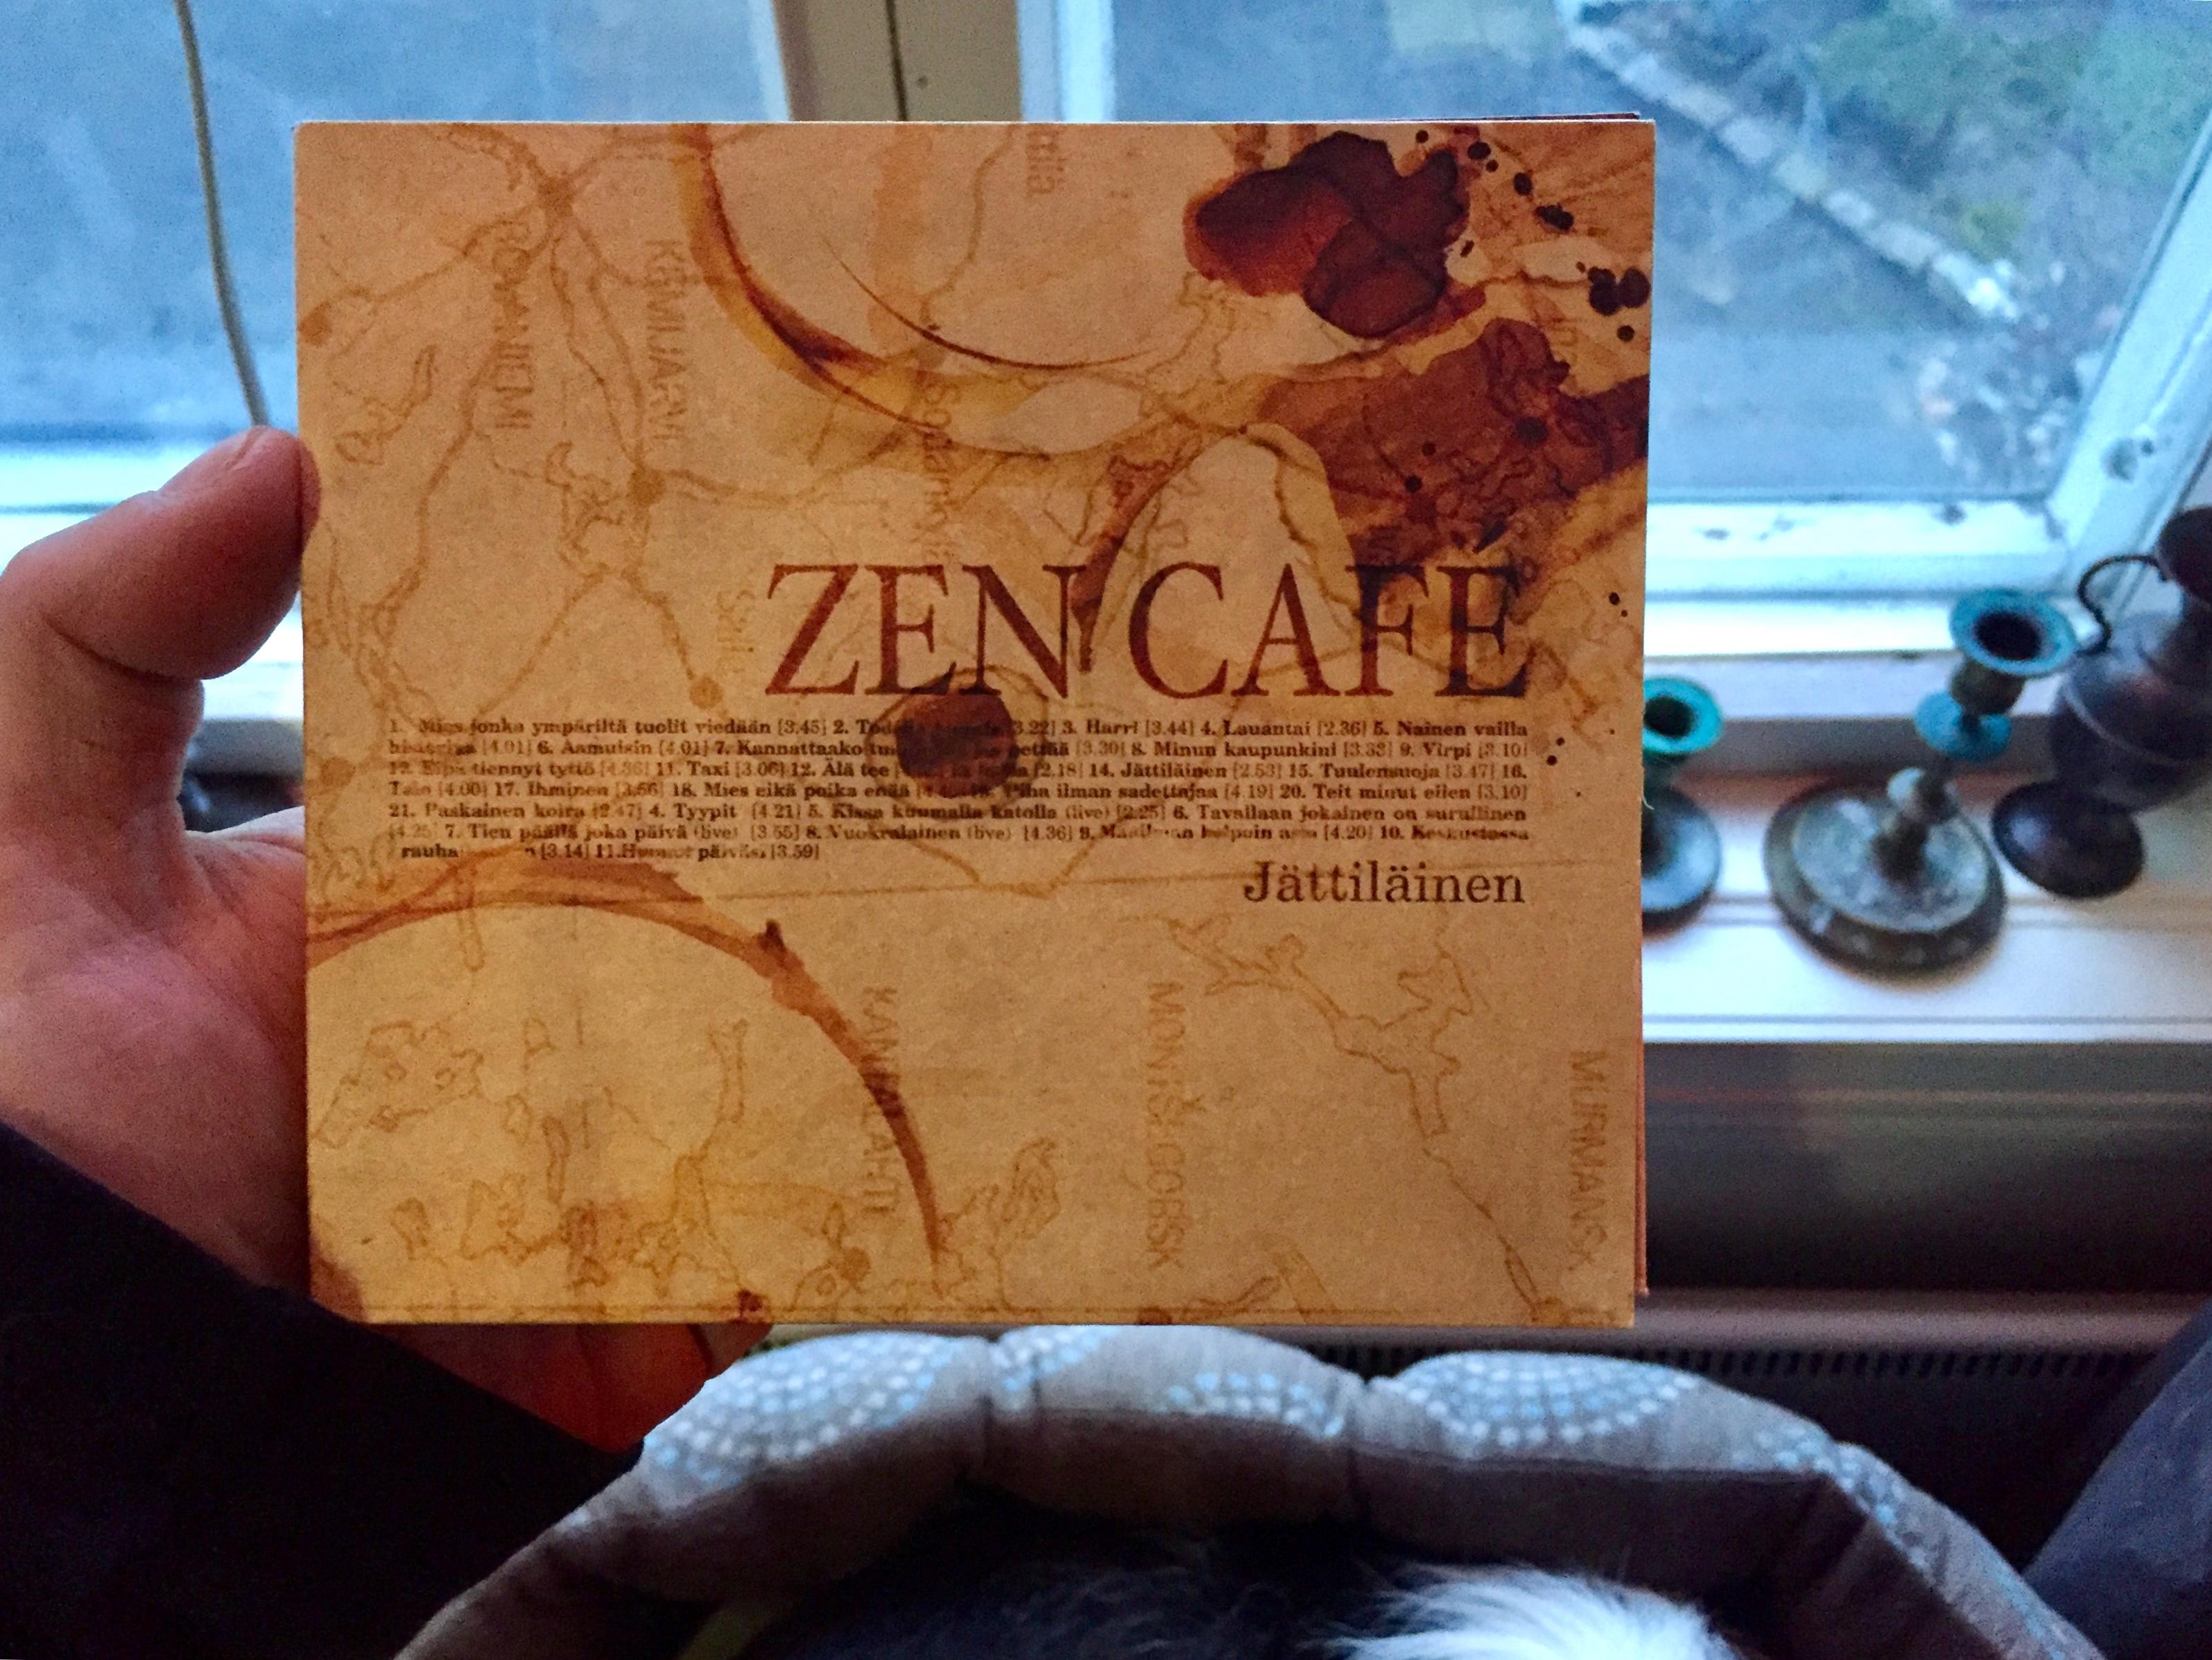 Zen Café -yhtyeen 2CD-kokoelma 'Jättiläinen' julkaistiin vuonna 2003.